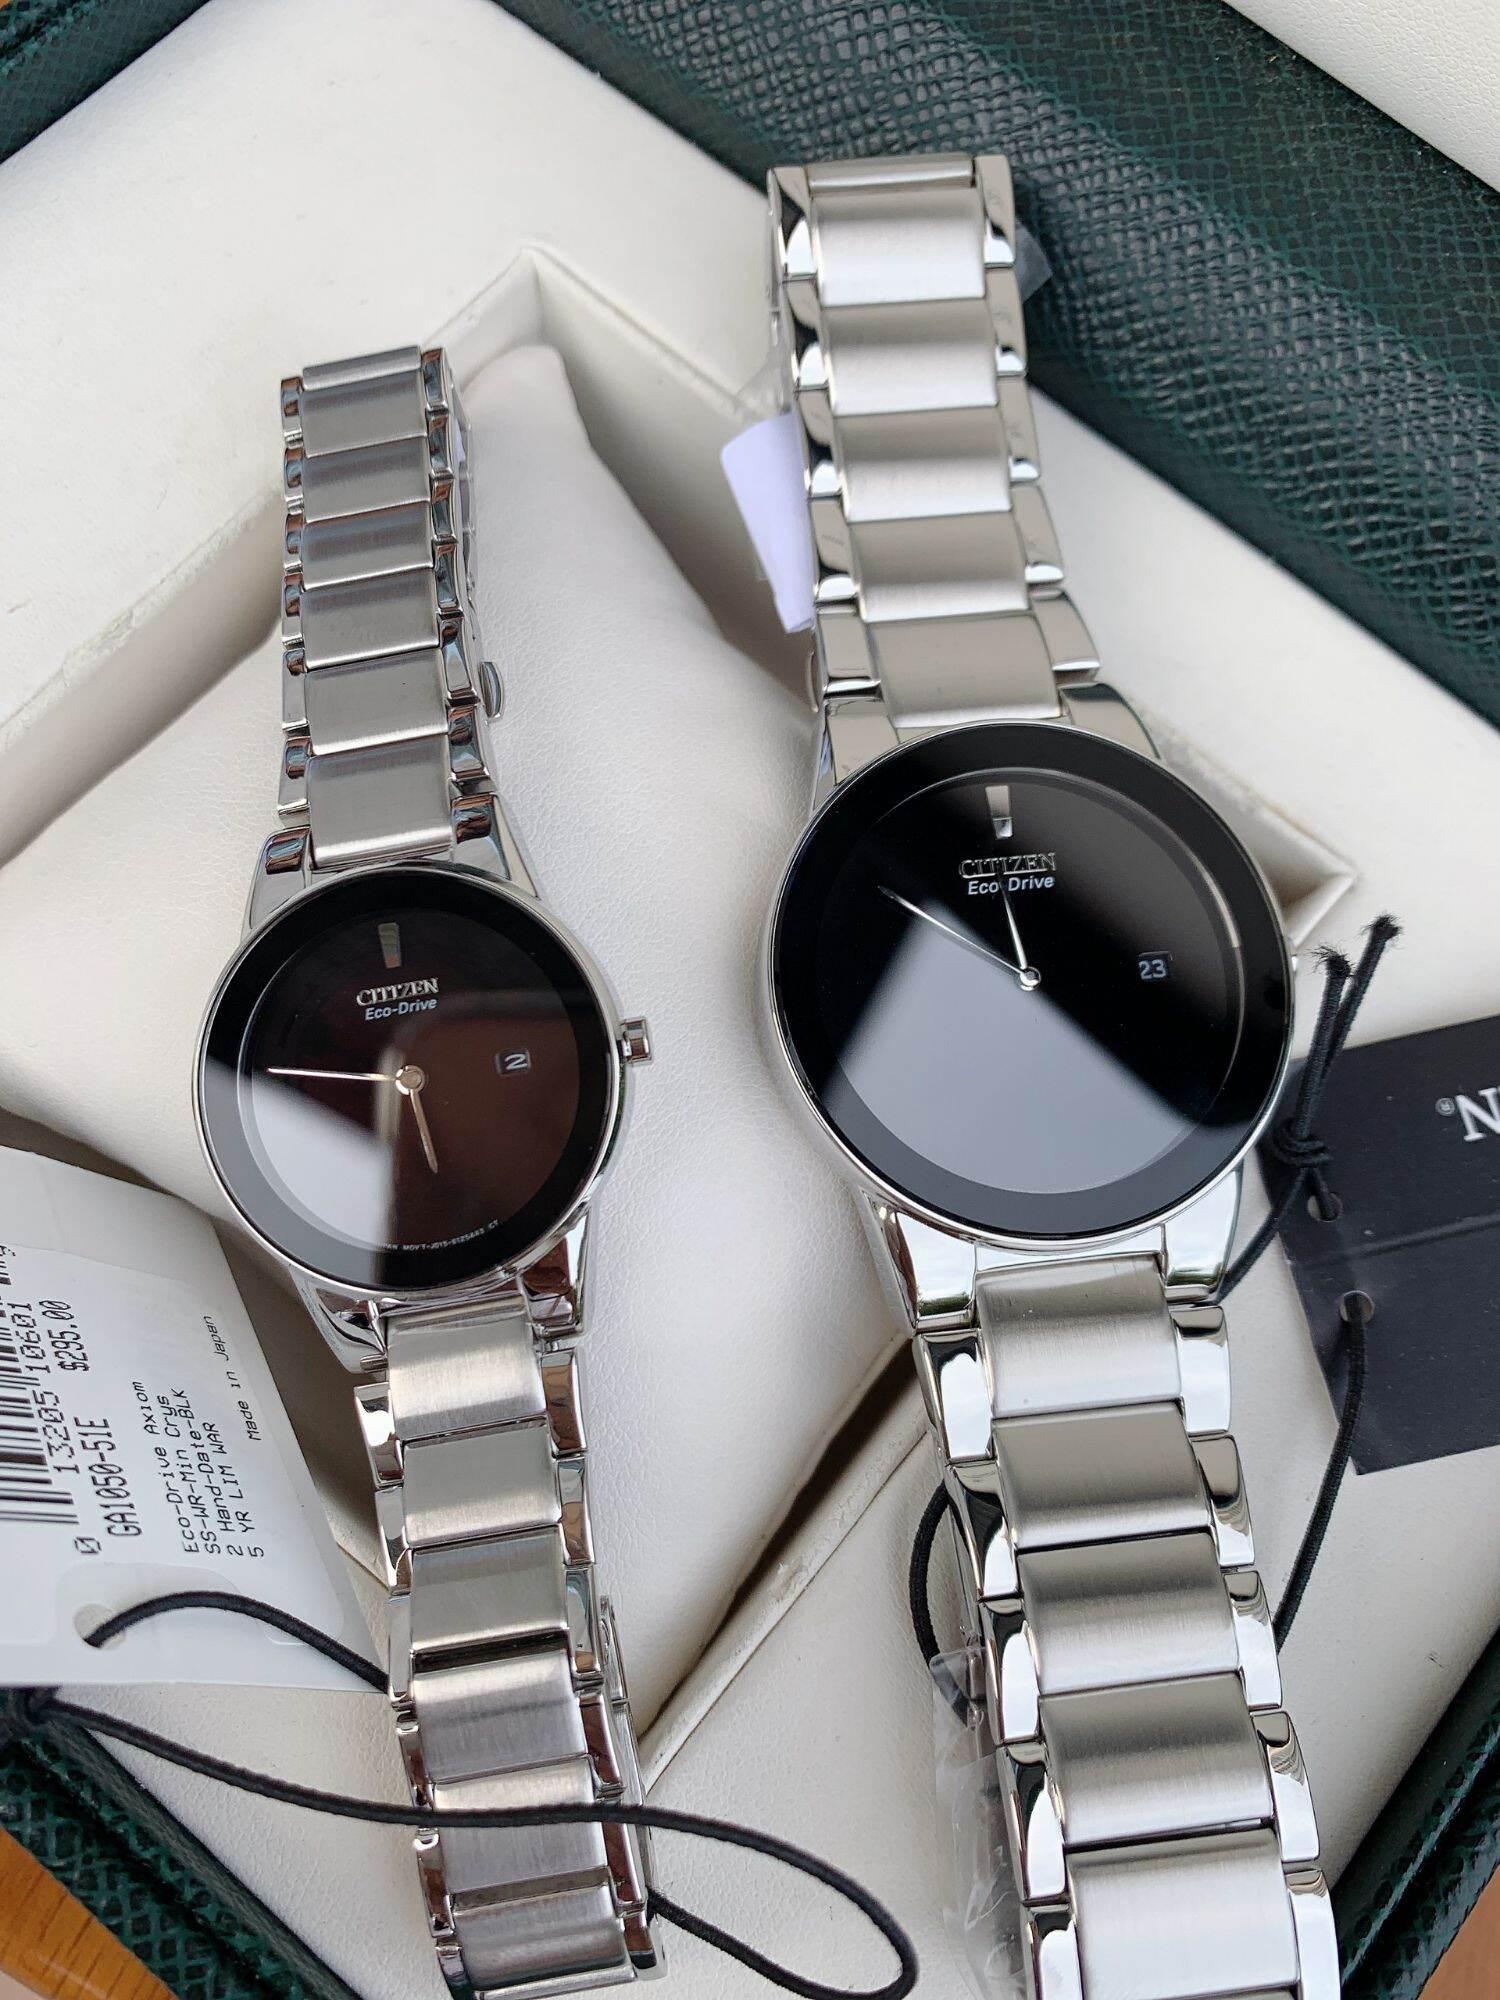 Đồng hồ Cặp Đôi Citizen Eco Drive Dial Black AU1060-51E & GA1050-51E